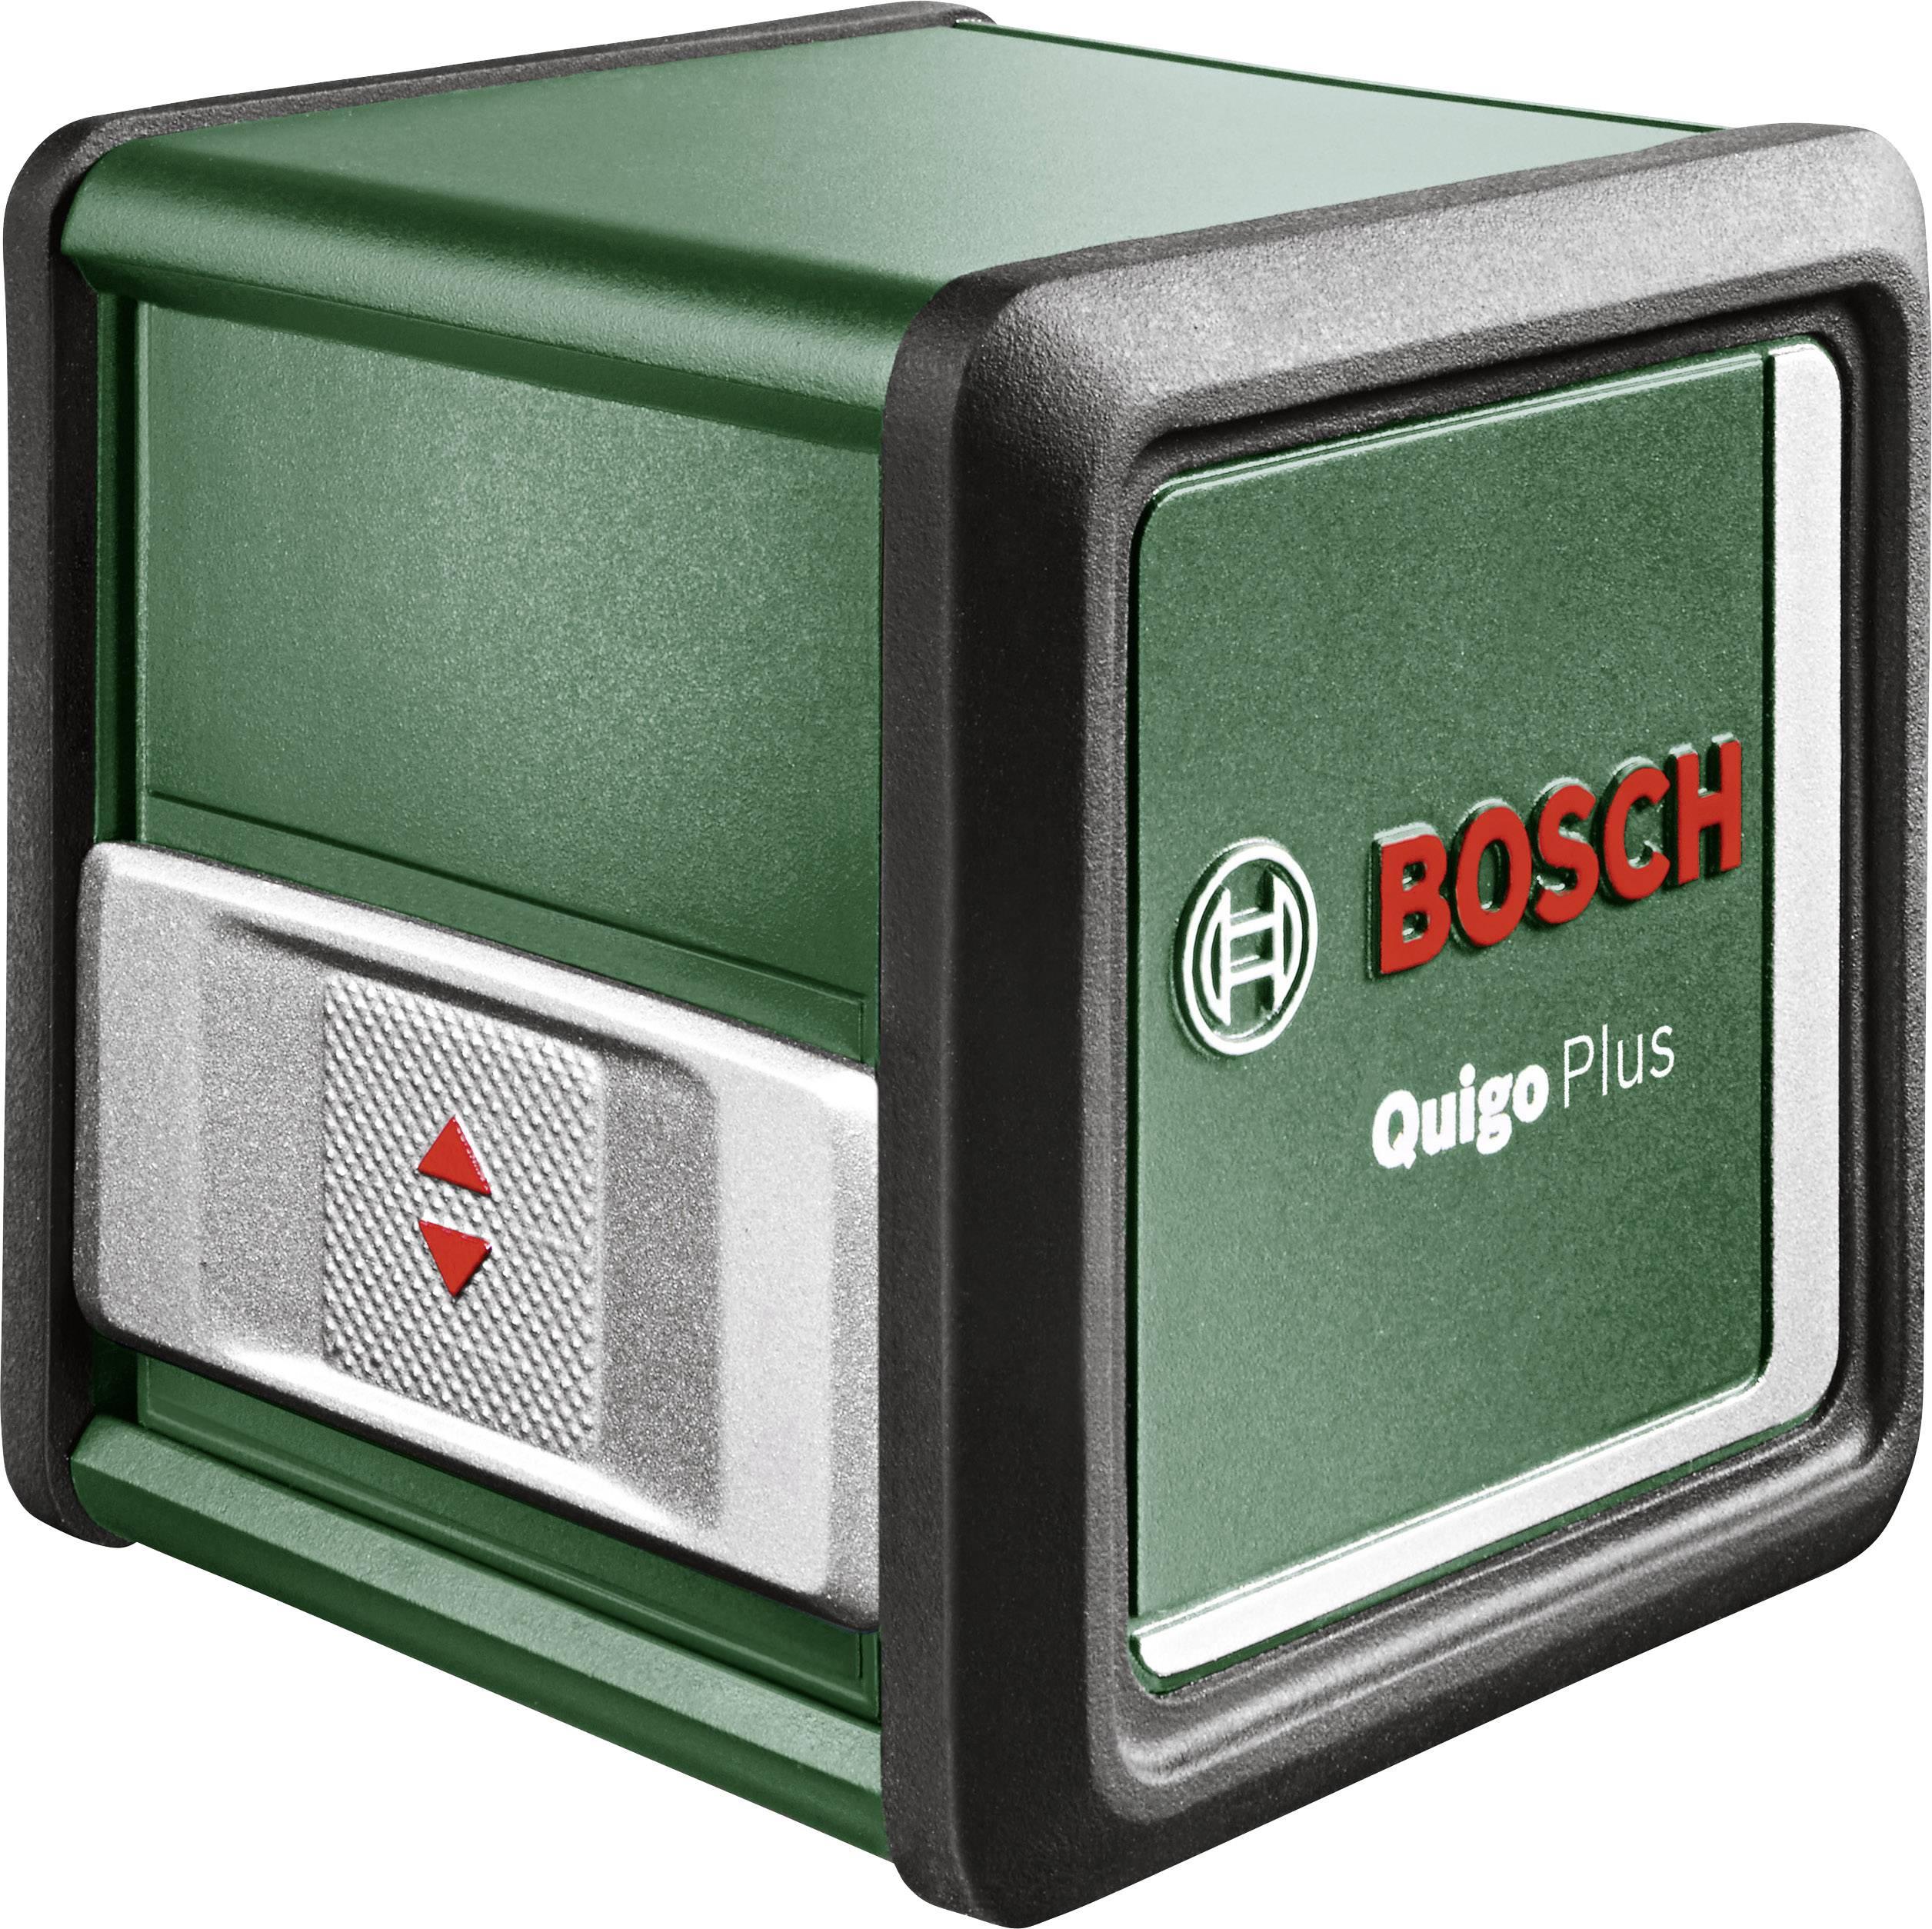 Massivt Optisk nivelleringsapparat Selvnivellerende , inkl. stativ Bosch VS48